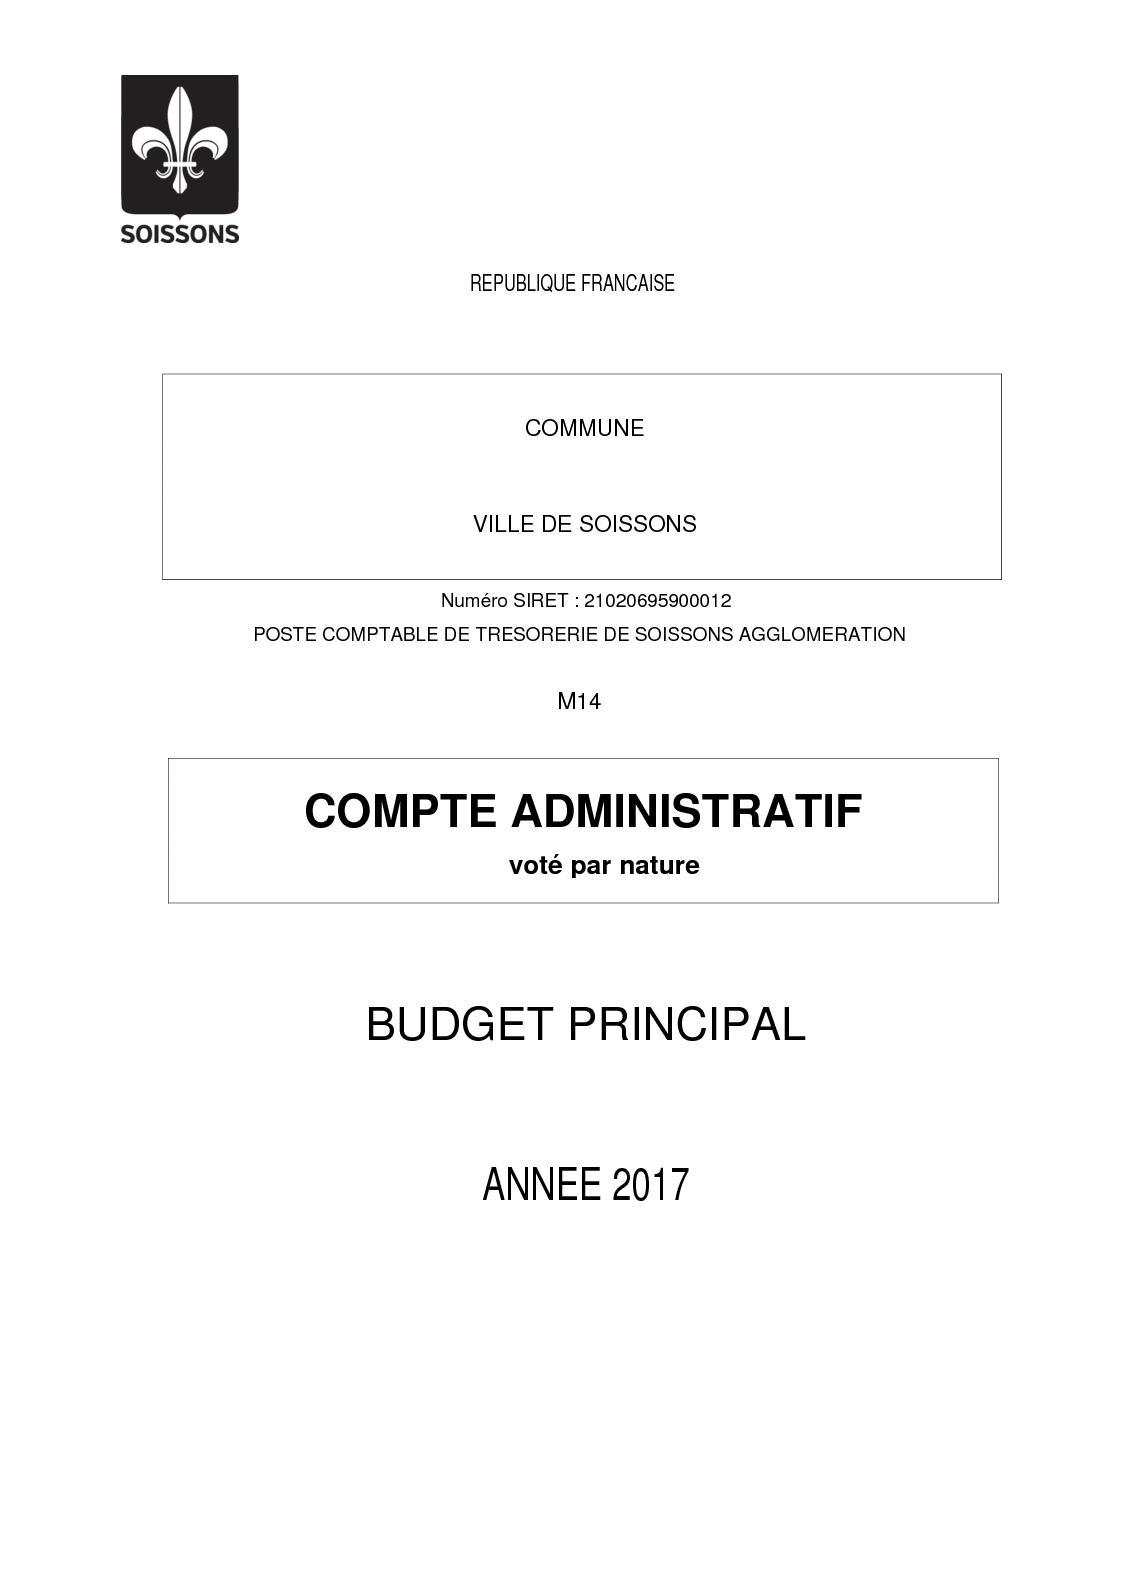 Principal Soissons Ca Ca Ca Principal Calaméo Calaméo Calaméo 2017 Soissons 2017 4L3RAjq5